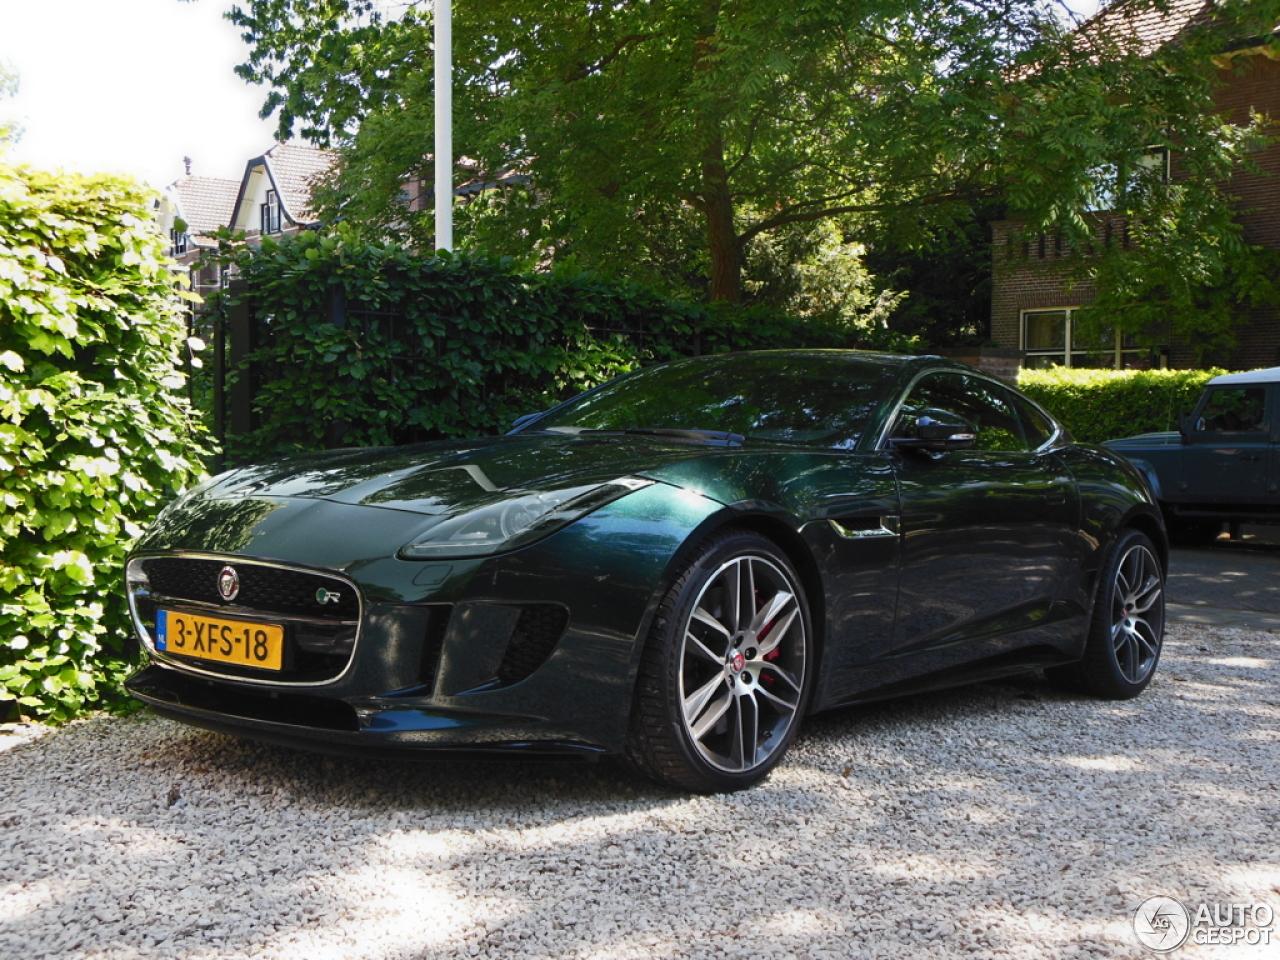 Jaguar F-TYPE R Coupé - 20 June 2015 - Autogespot